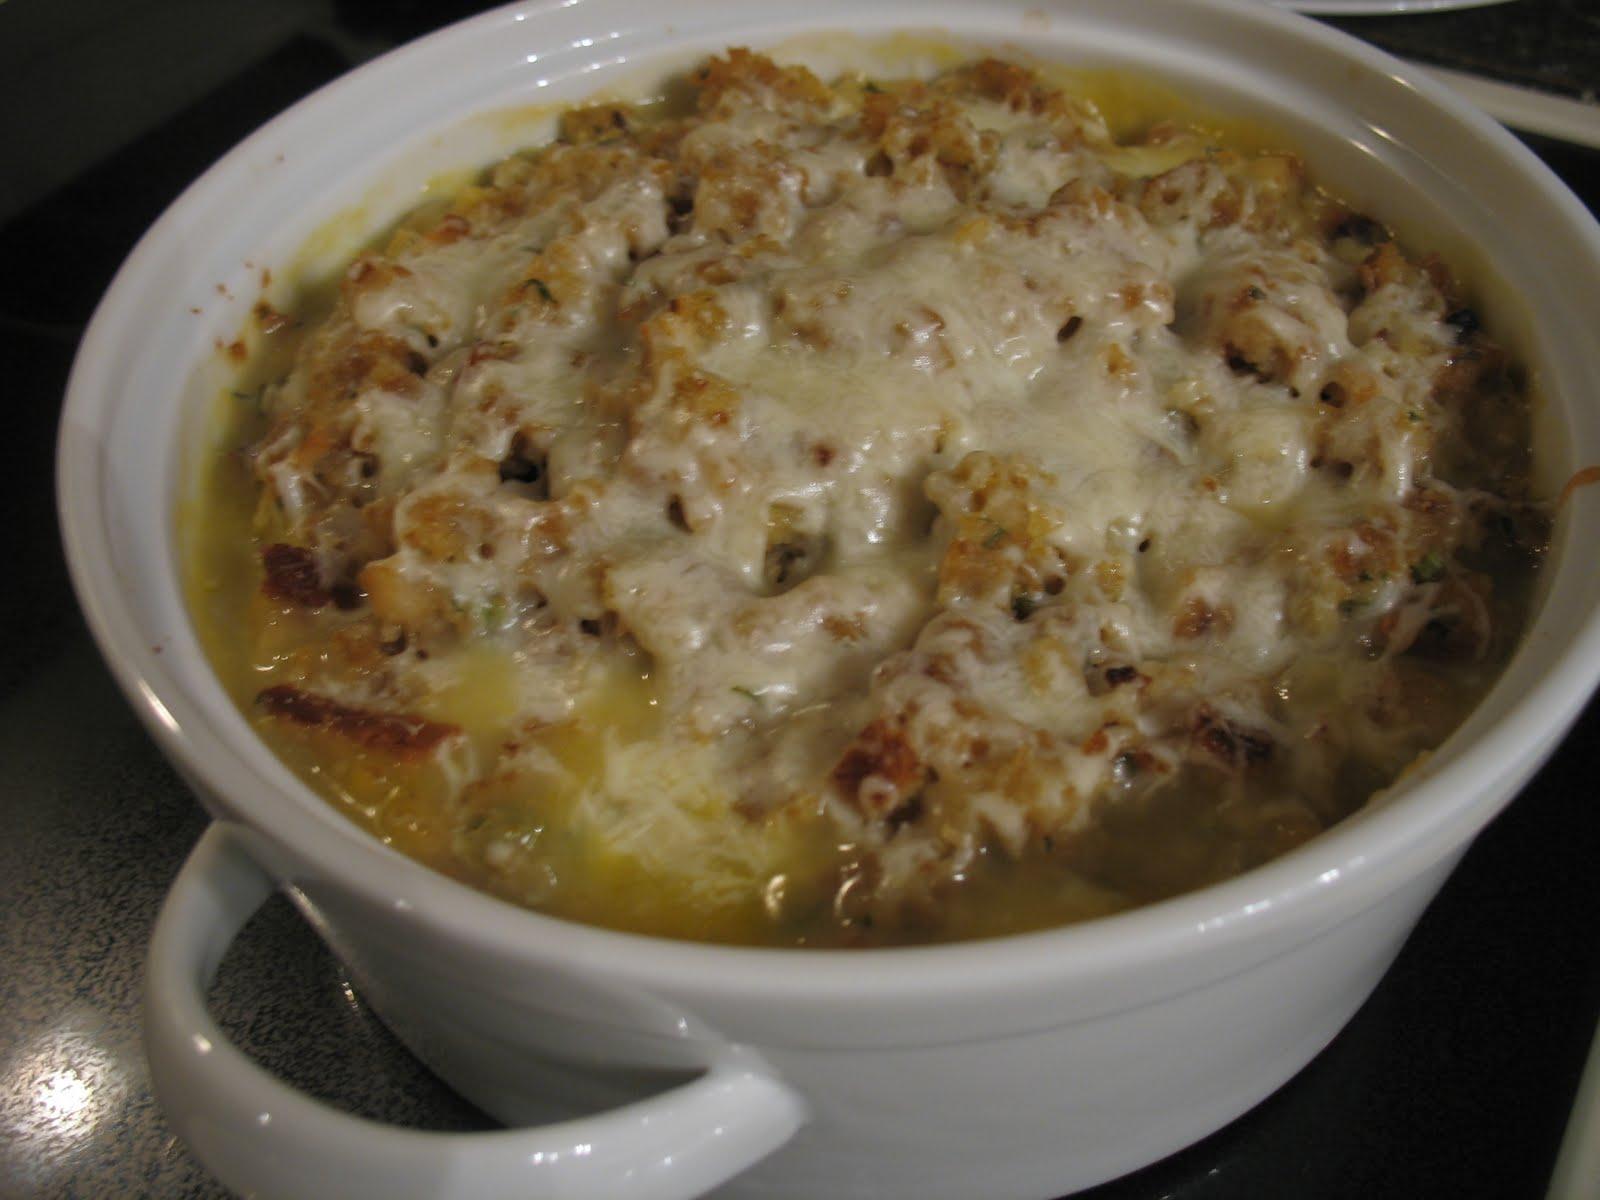 Mozzarella Chicken Recipe - Feathers in Our Nest